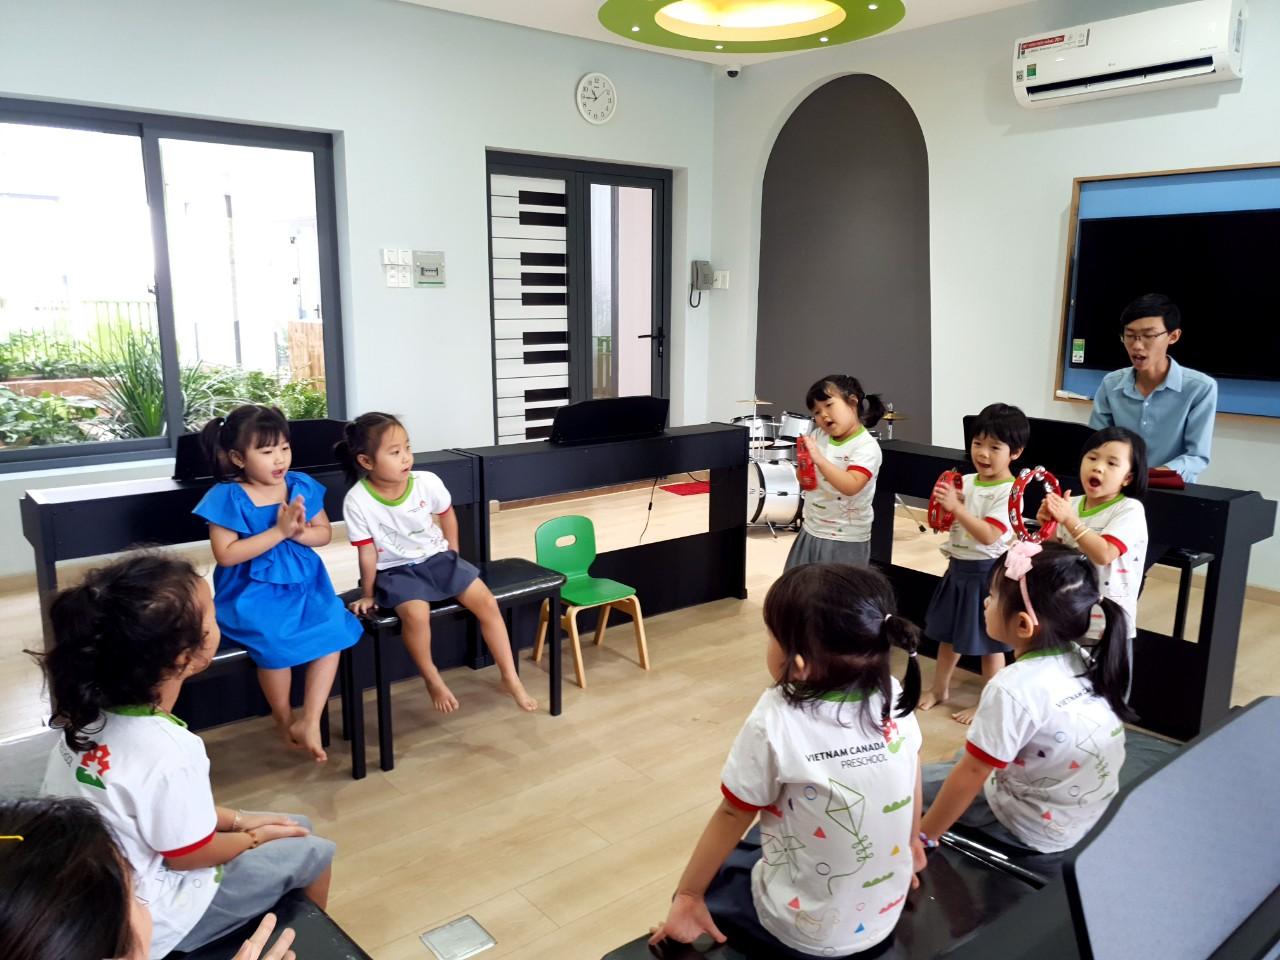 Giáo viên dạy nhạc đang hướng dẫn con hát theo nhịp kết hợp cùng Temporing và Piano